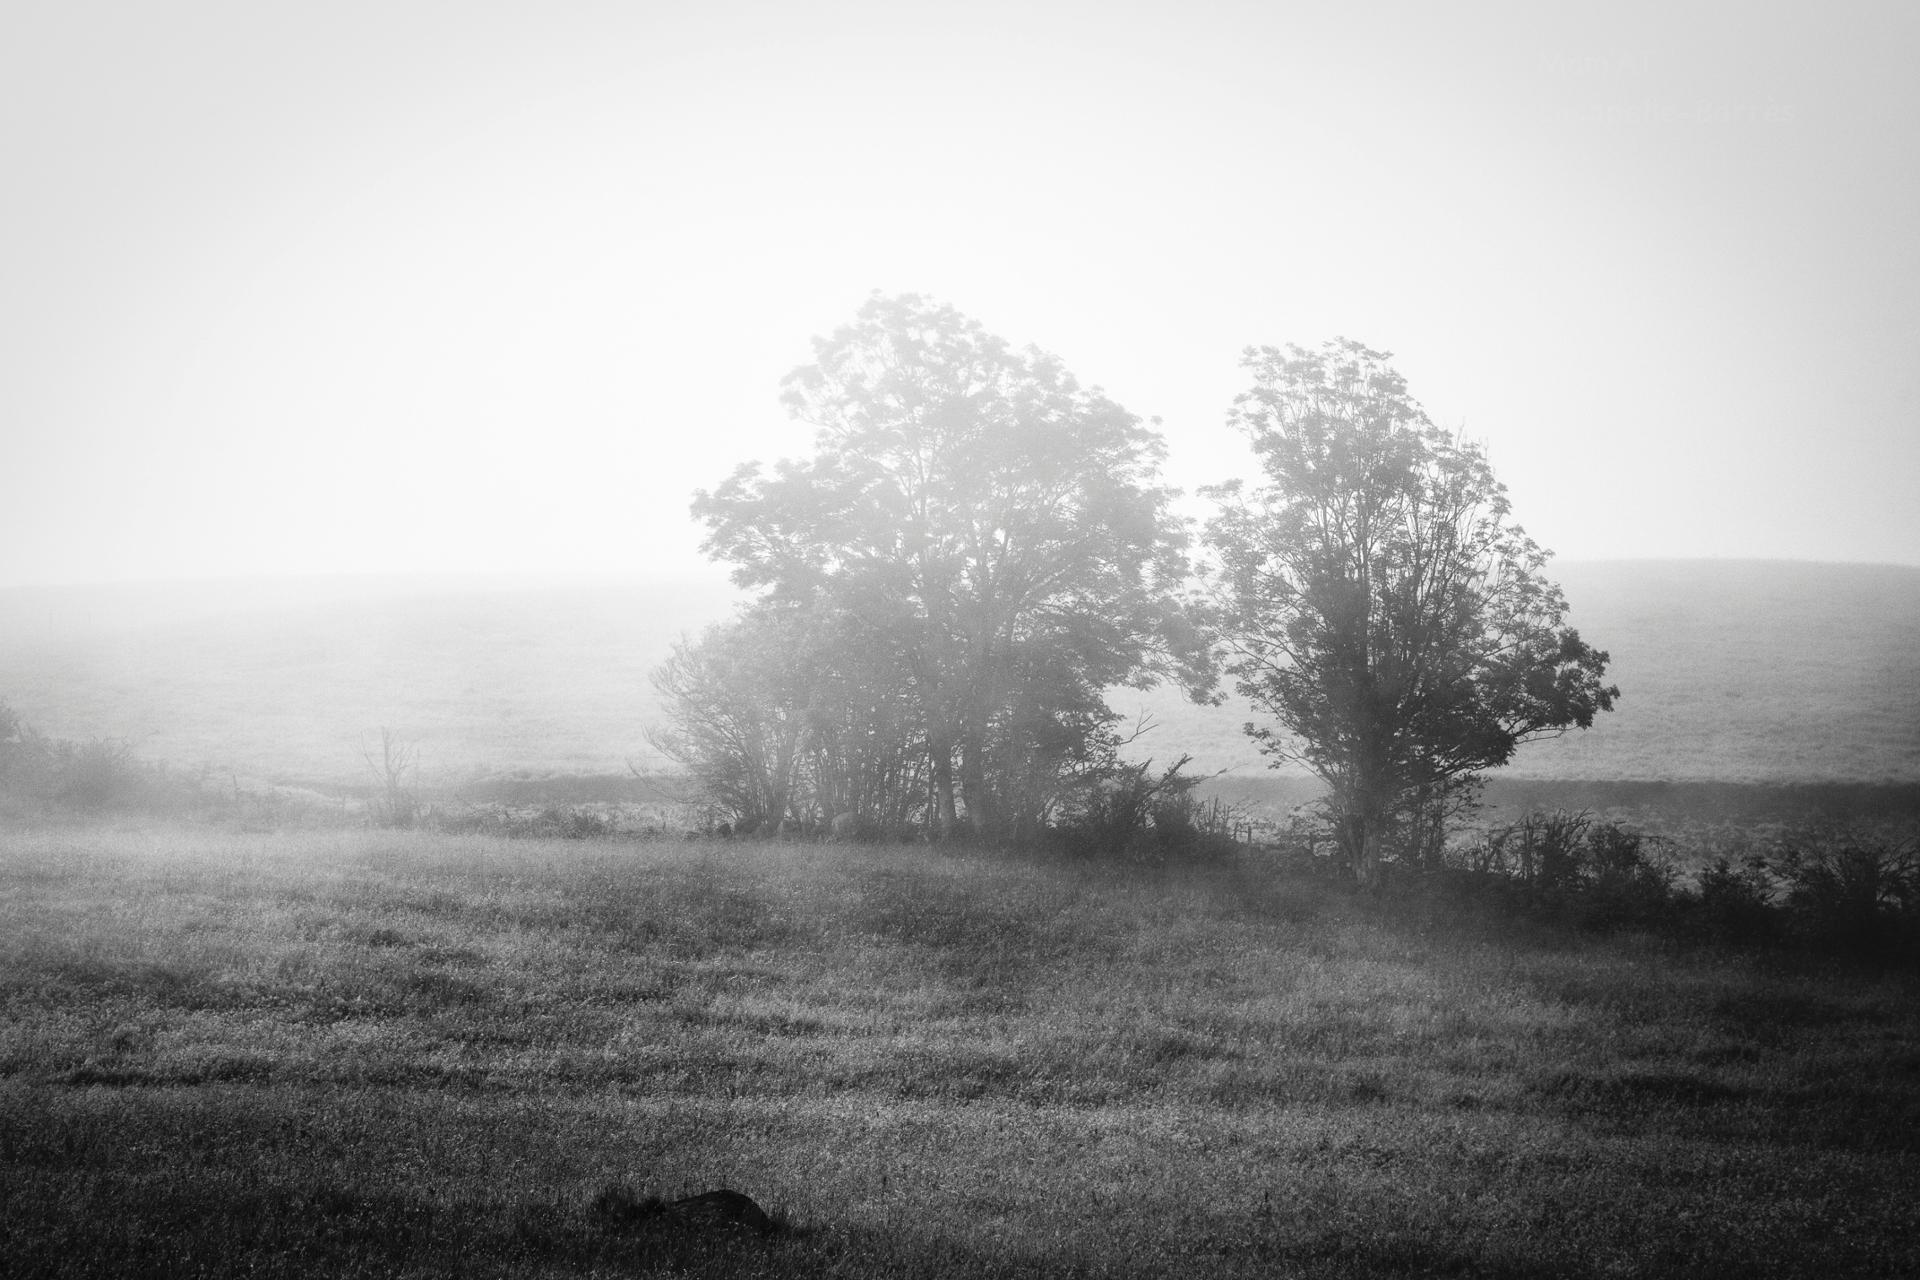 deux arbres dans la brume